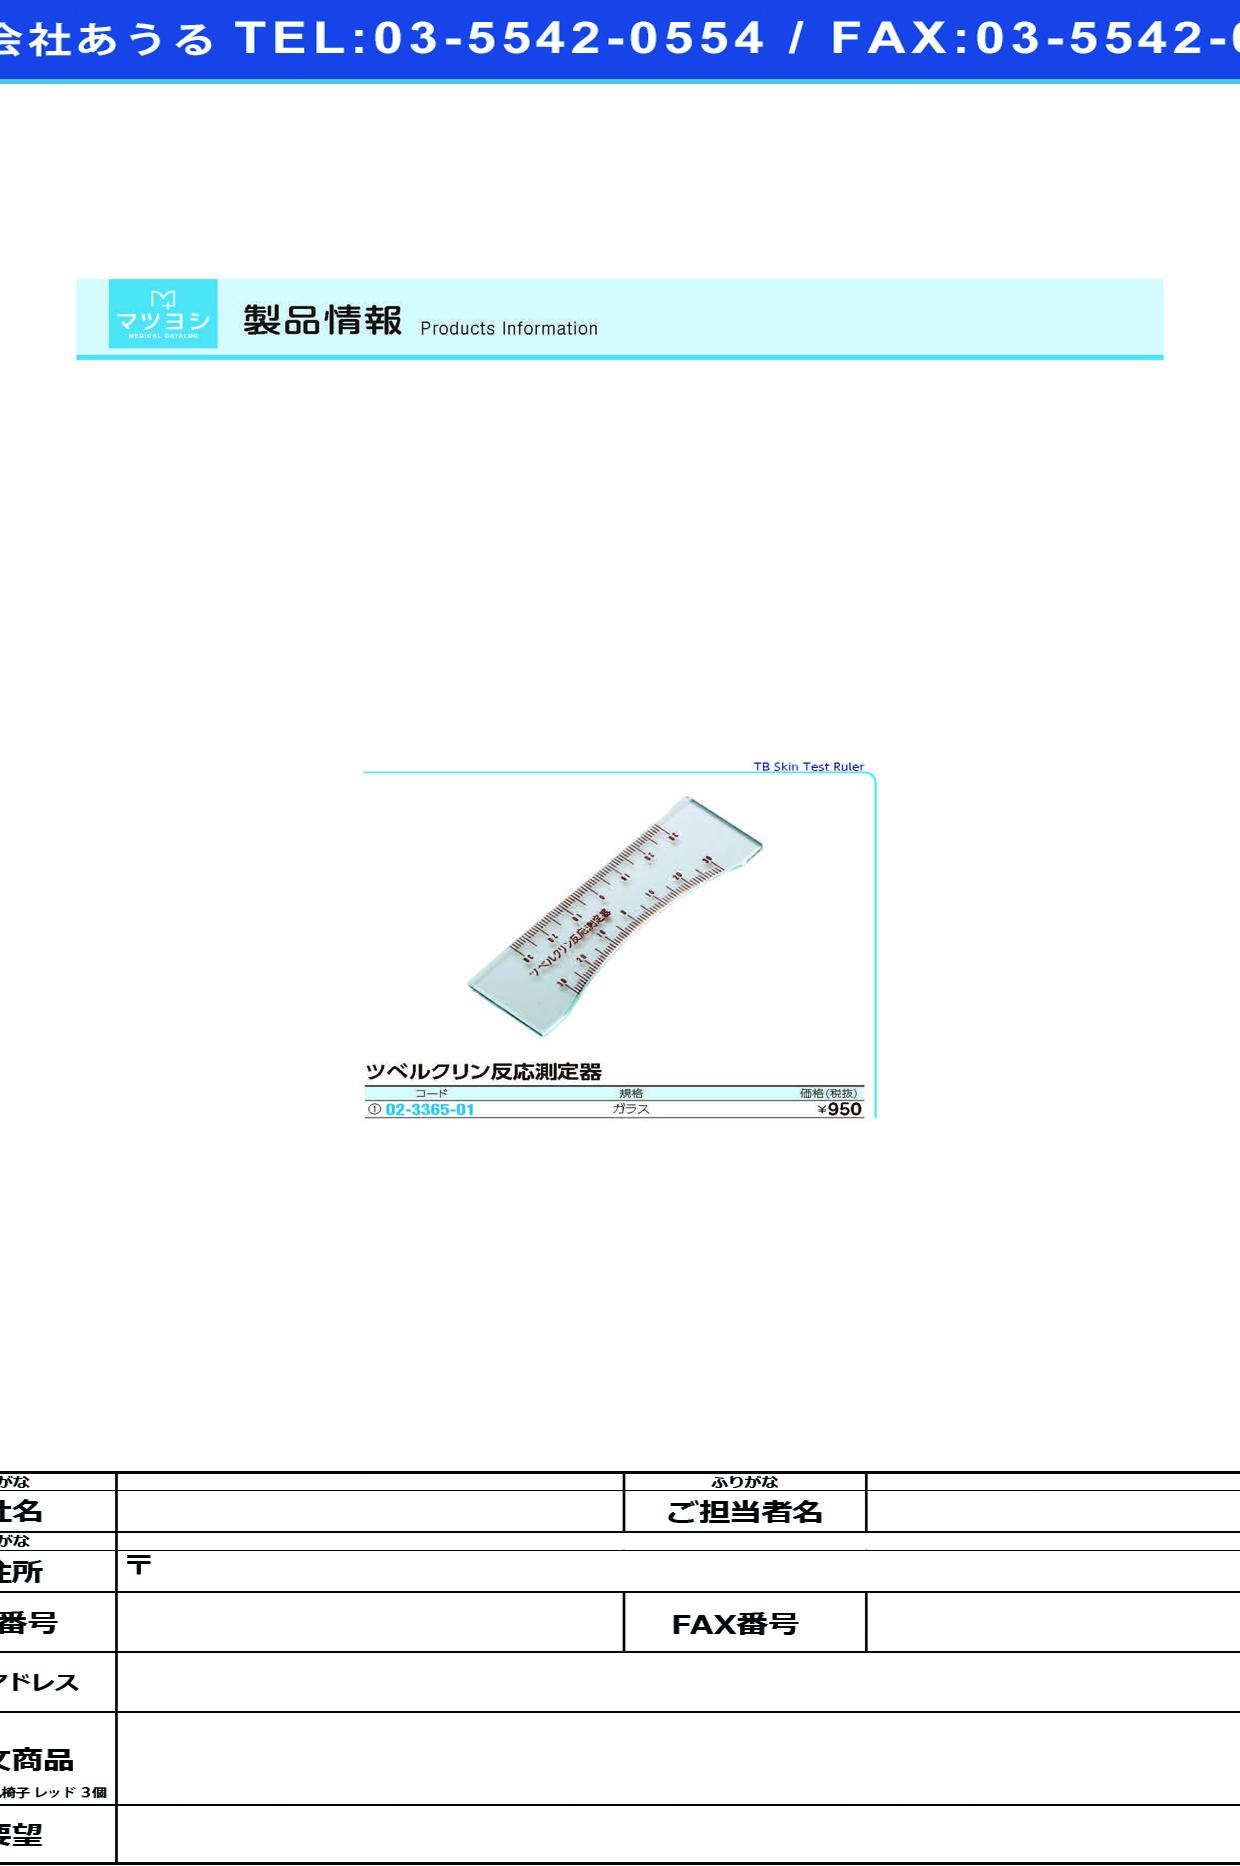 (02-3365-01)ツベルクリン反応測定器 ガラス ツベルクリンハンノウソクテイバン【1枚単位】【2019年カタログ商品】